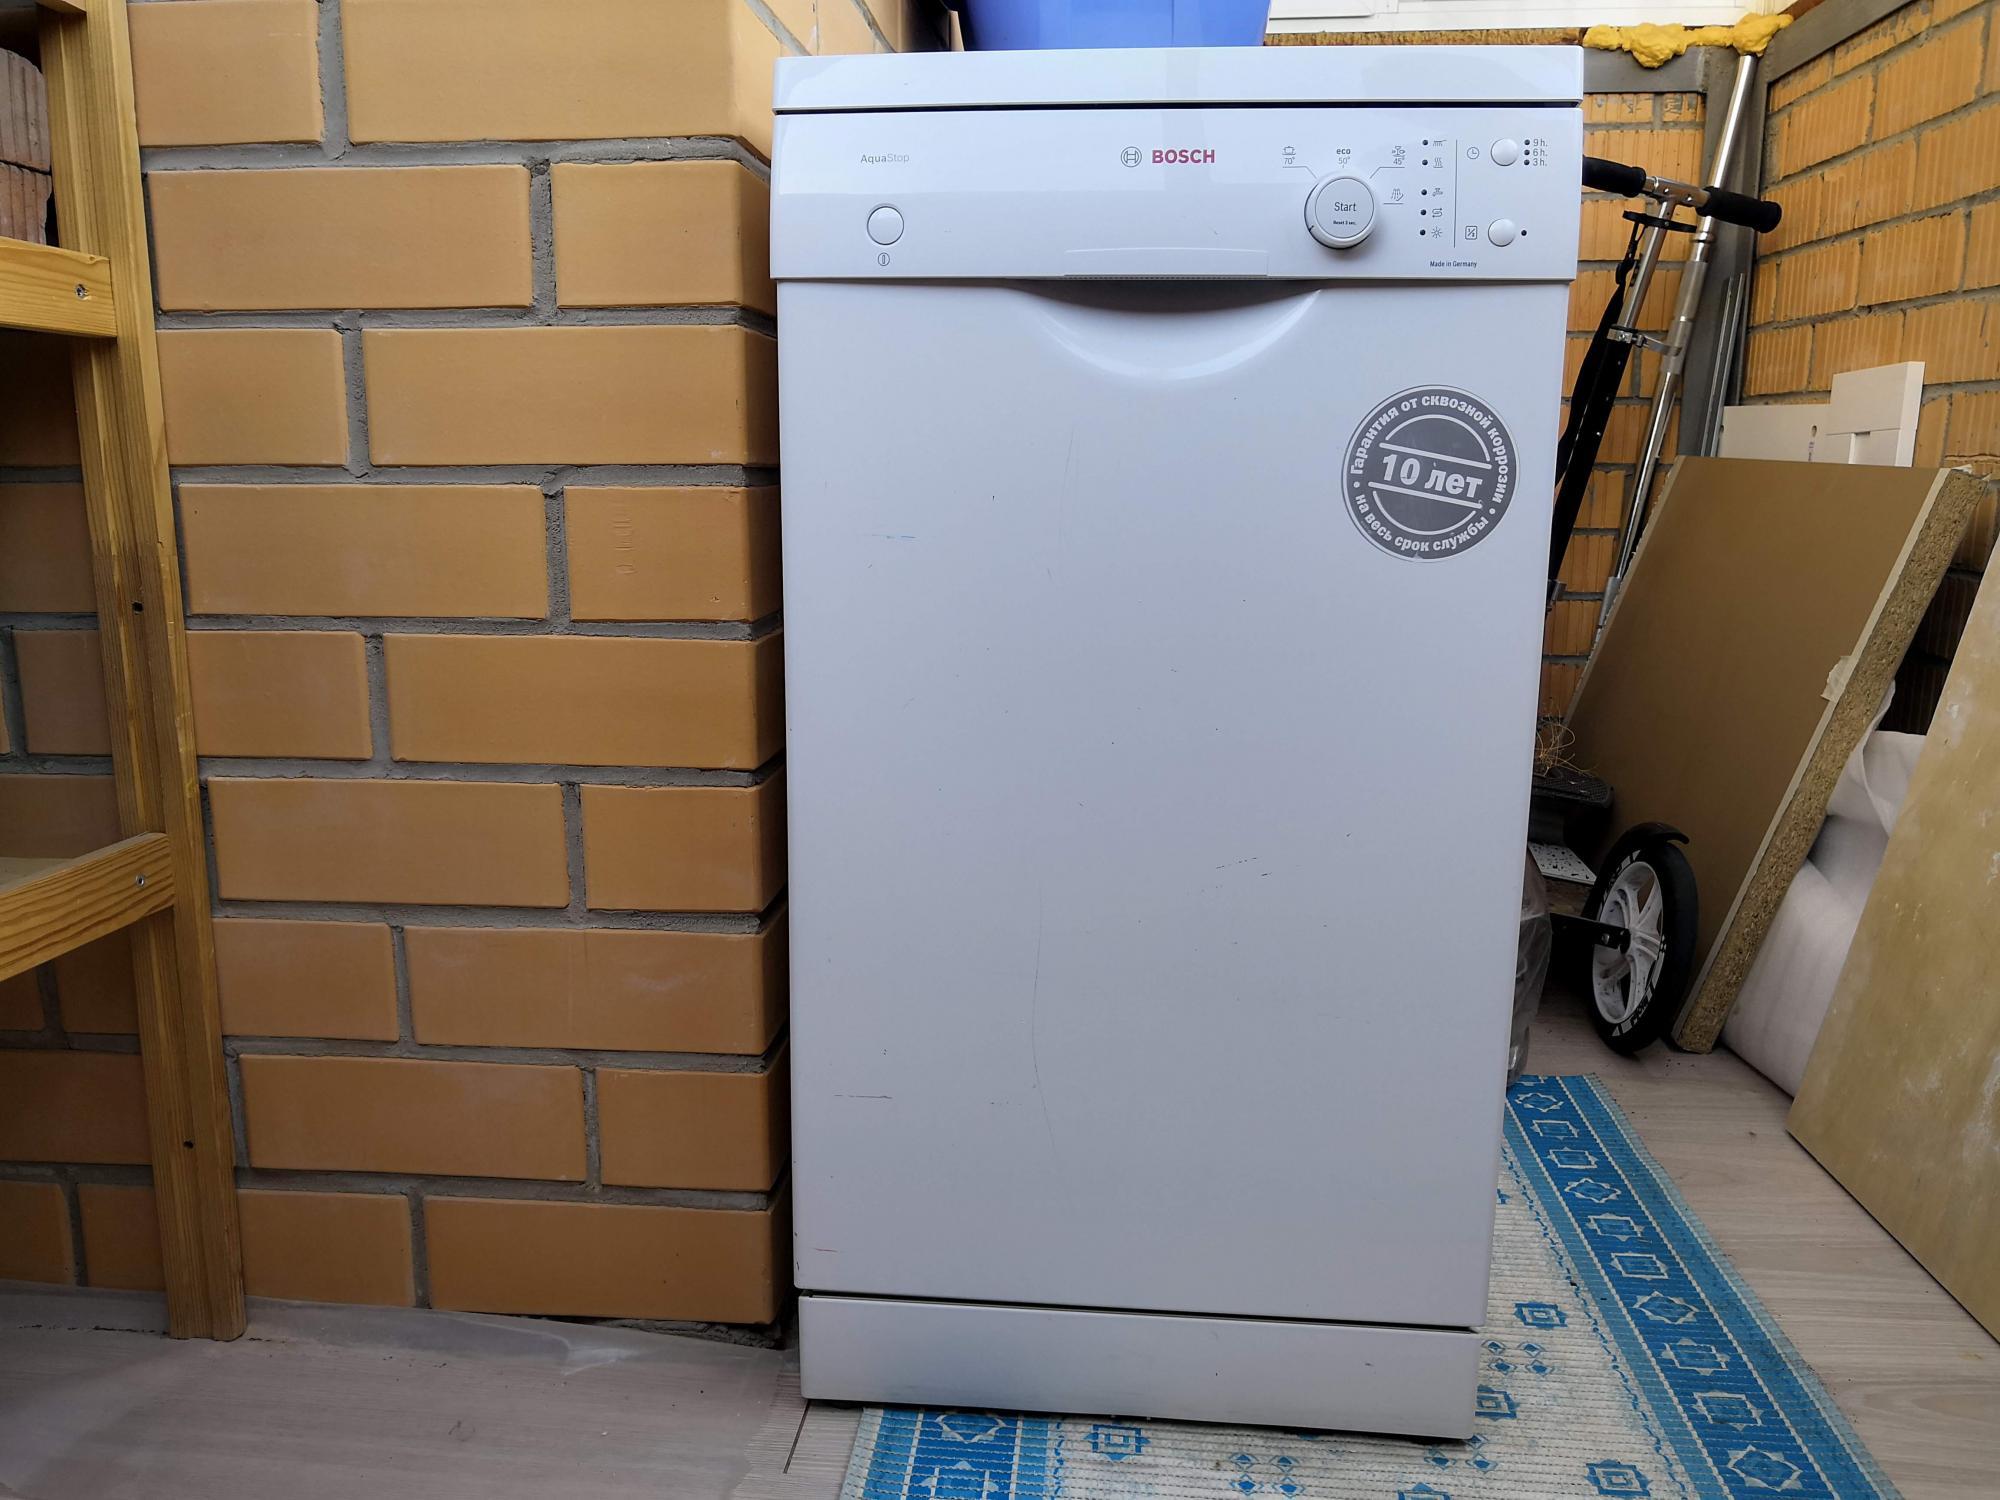 Посудомоечная машина Bosh б/у с аквастопом в Долгопрудном 89055425300 купить 1